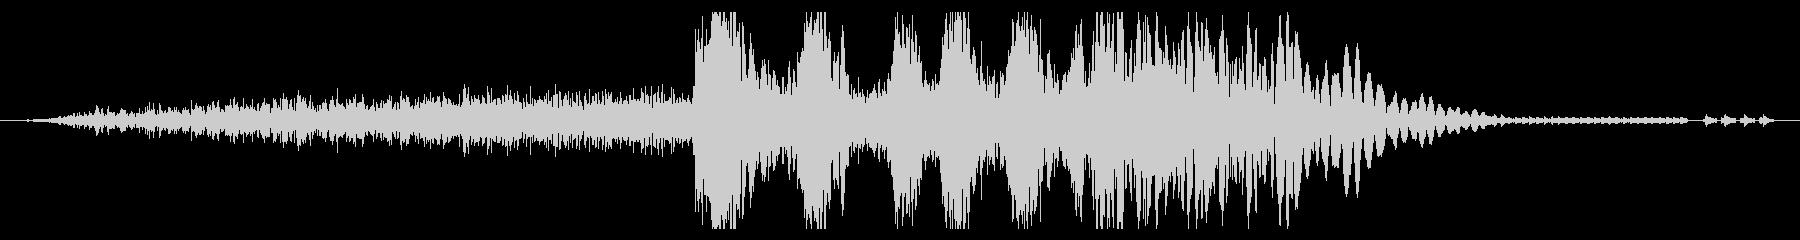 レーザーキャノン:マルチブラスト、...の未再生の波形